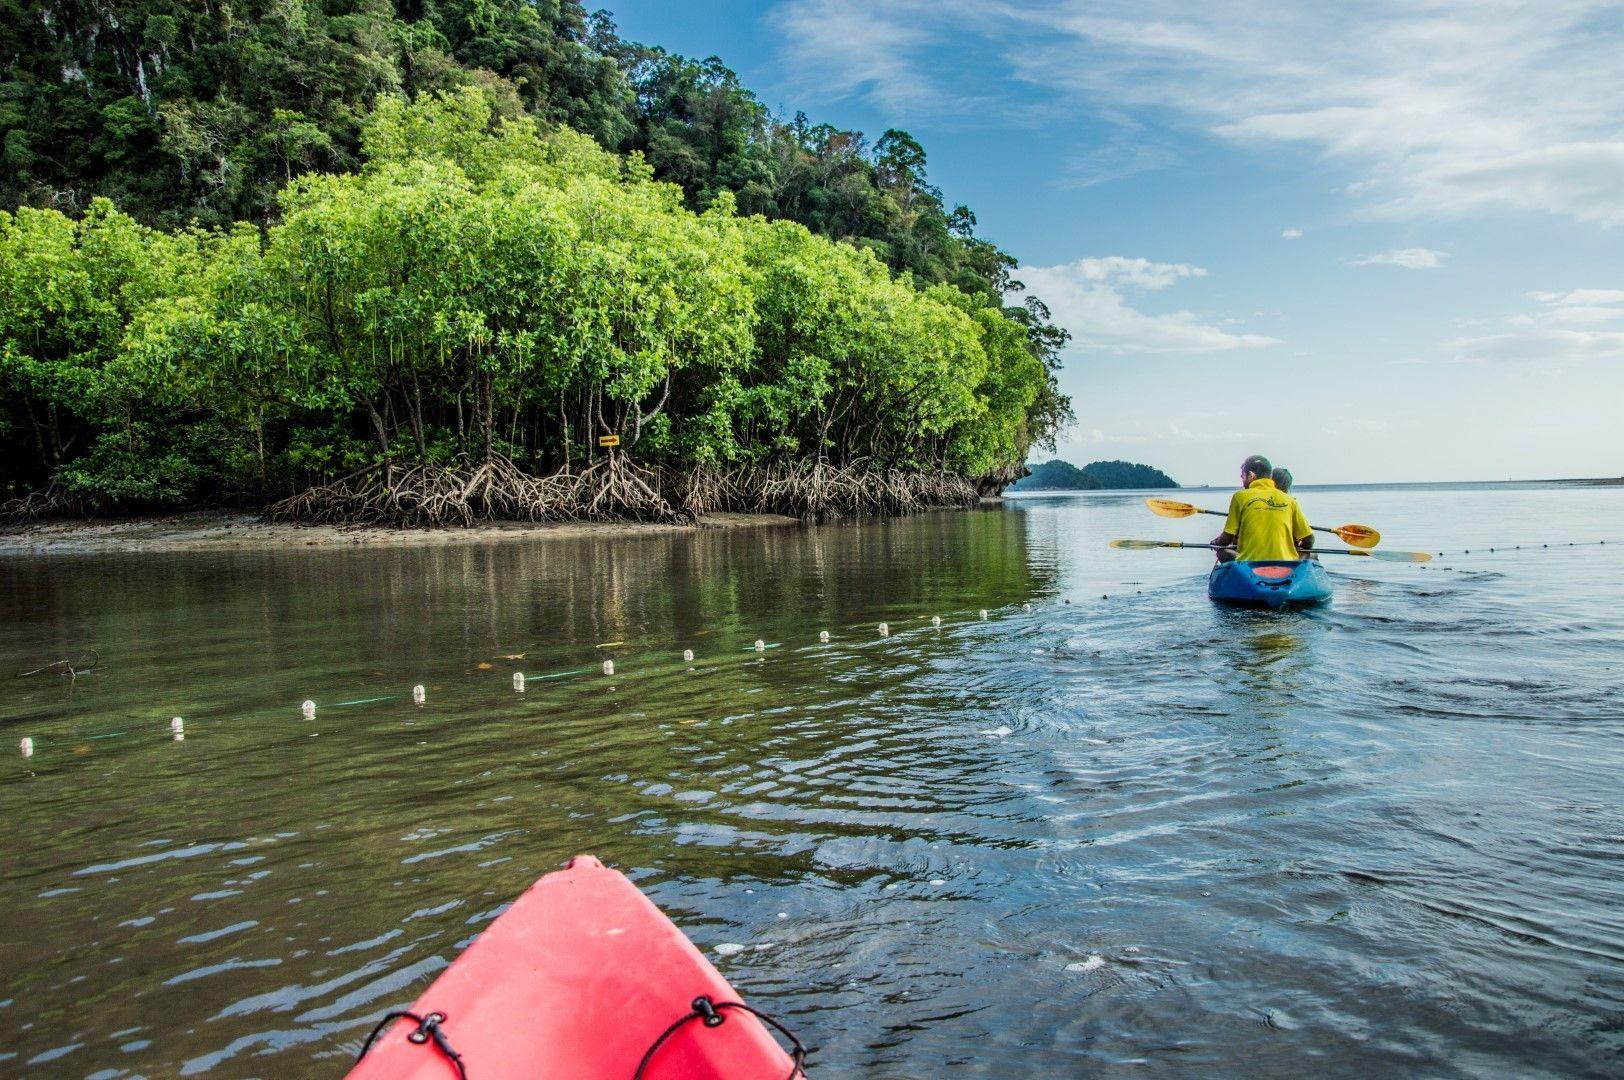 С каяк край мангровите гори край Краби, Тайланд